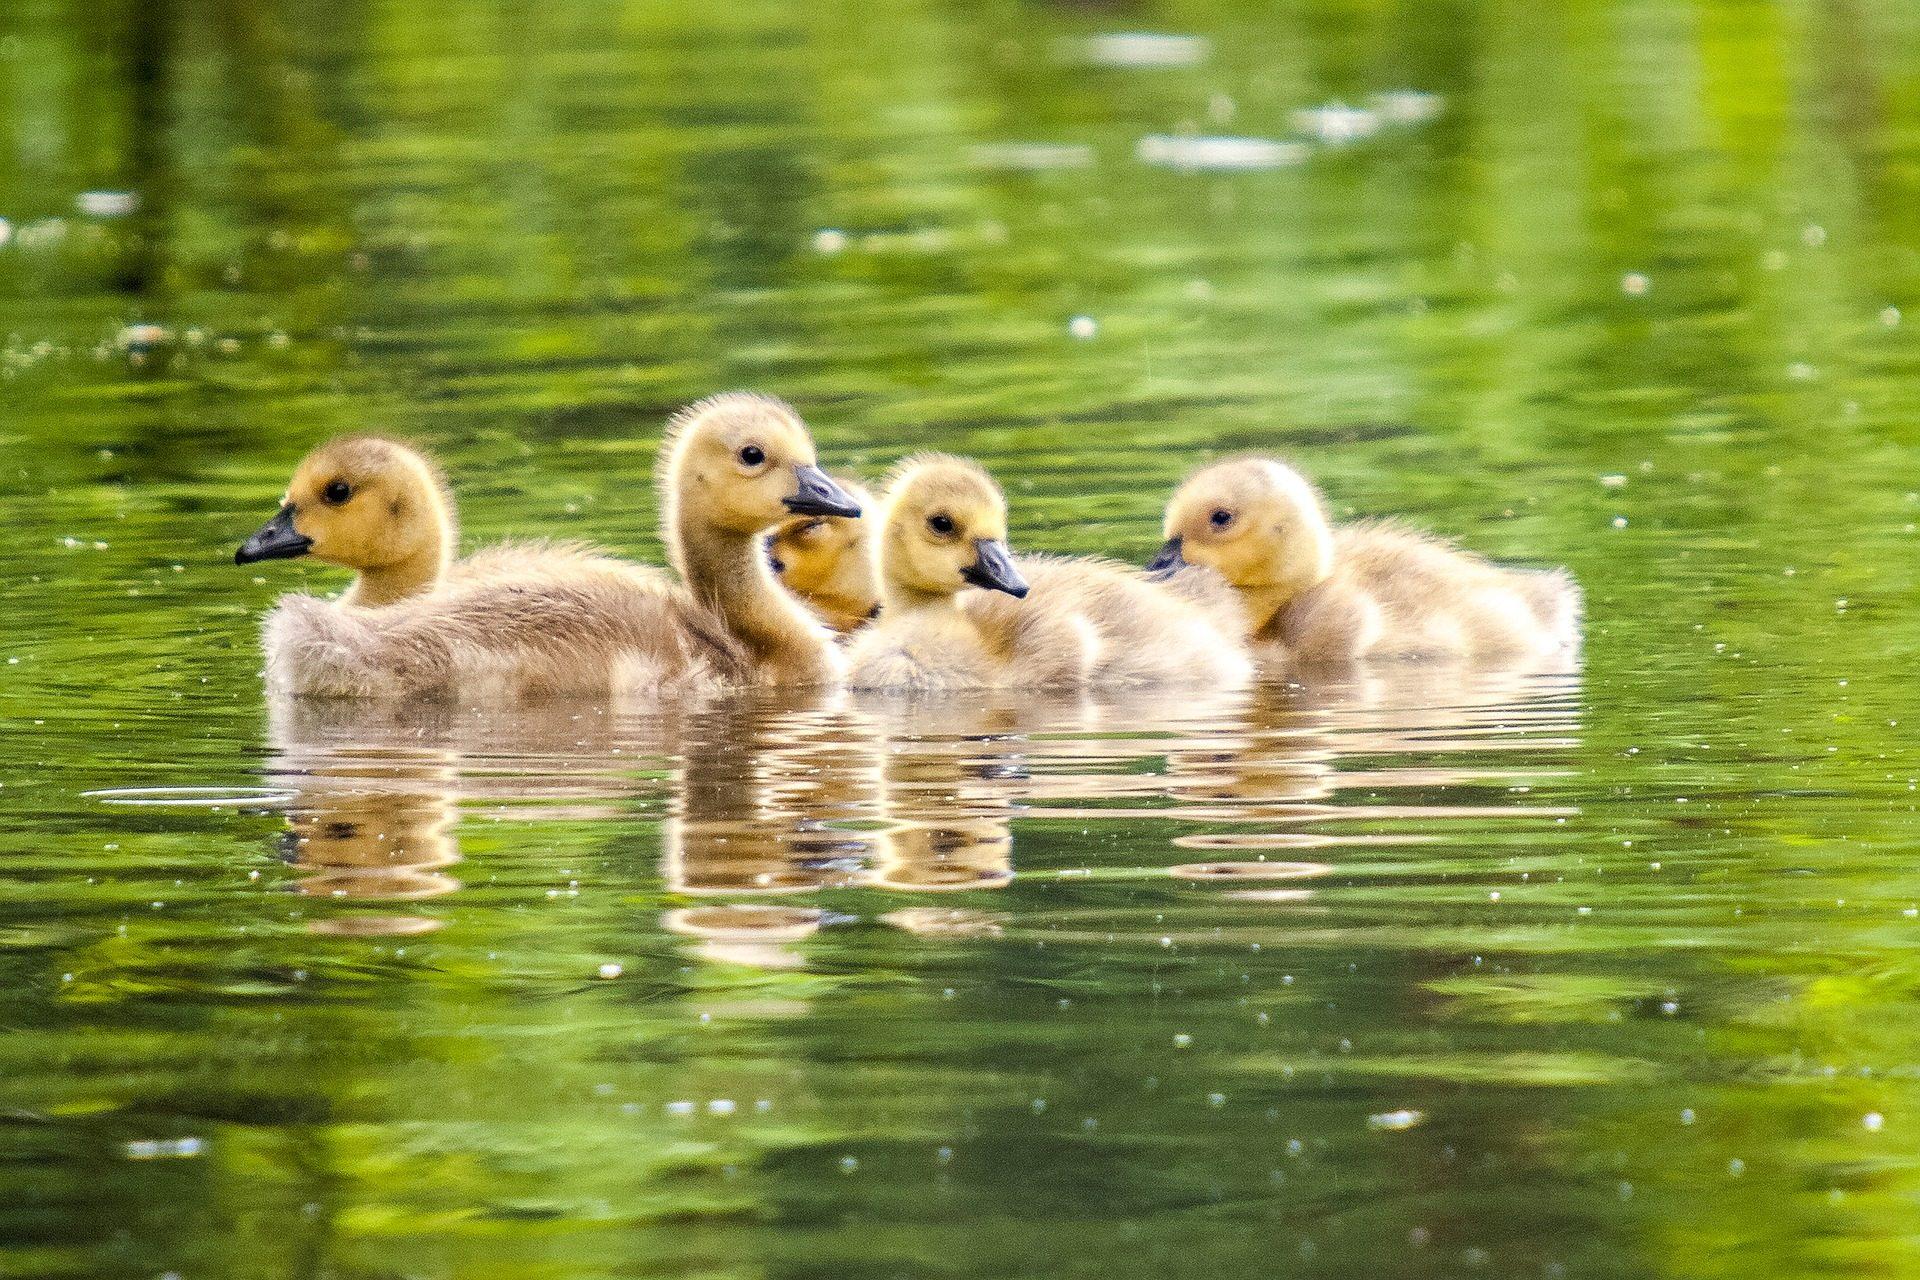 鸭子, 年轻, 池塘, 湖, 鸟类 - 高清壁纸 - 教授-falken.com